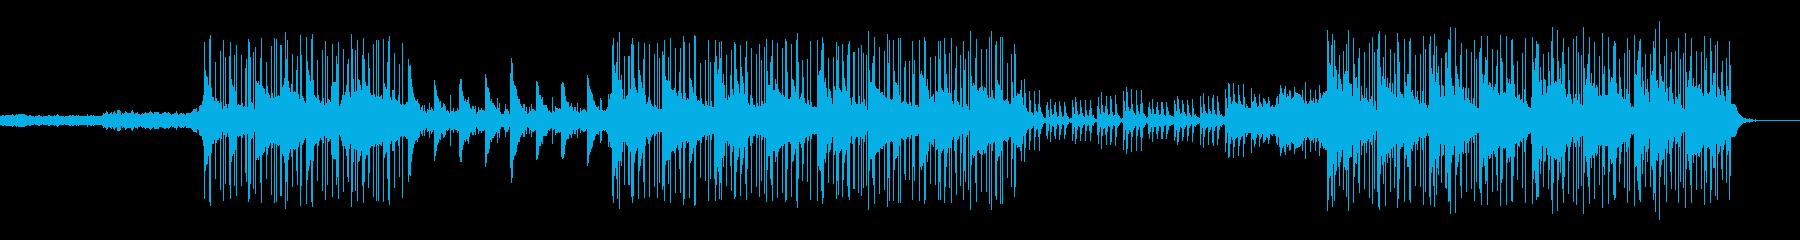 生命の誕生を感じさせるリラックスBGMの再生済みの波形